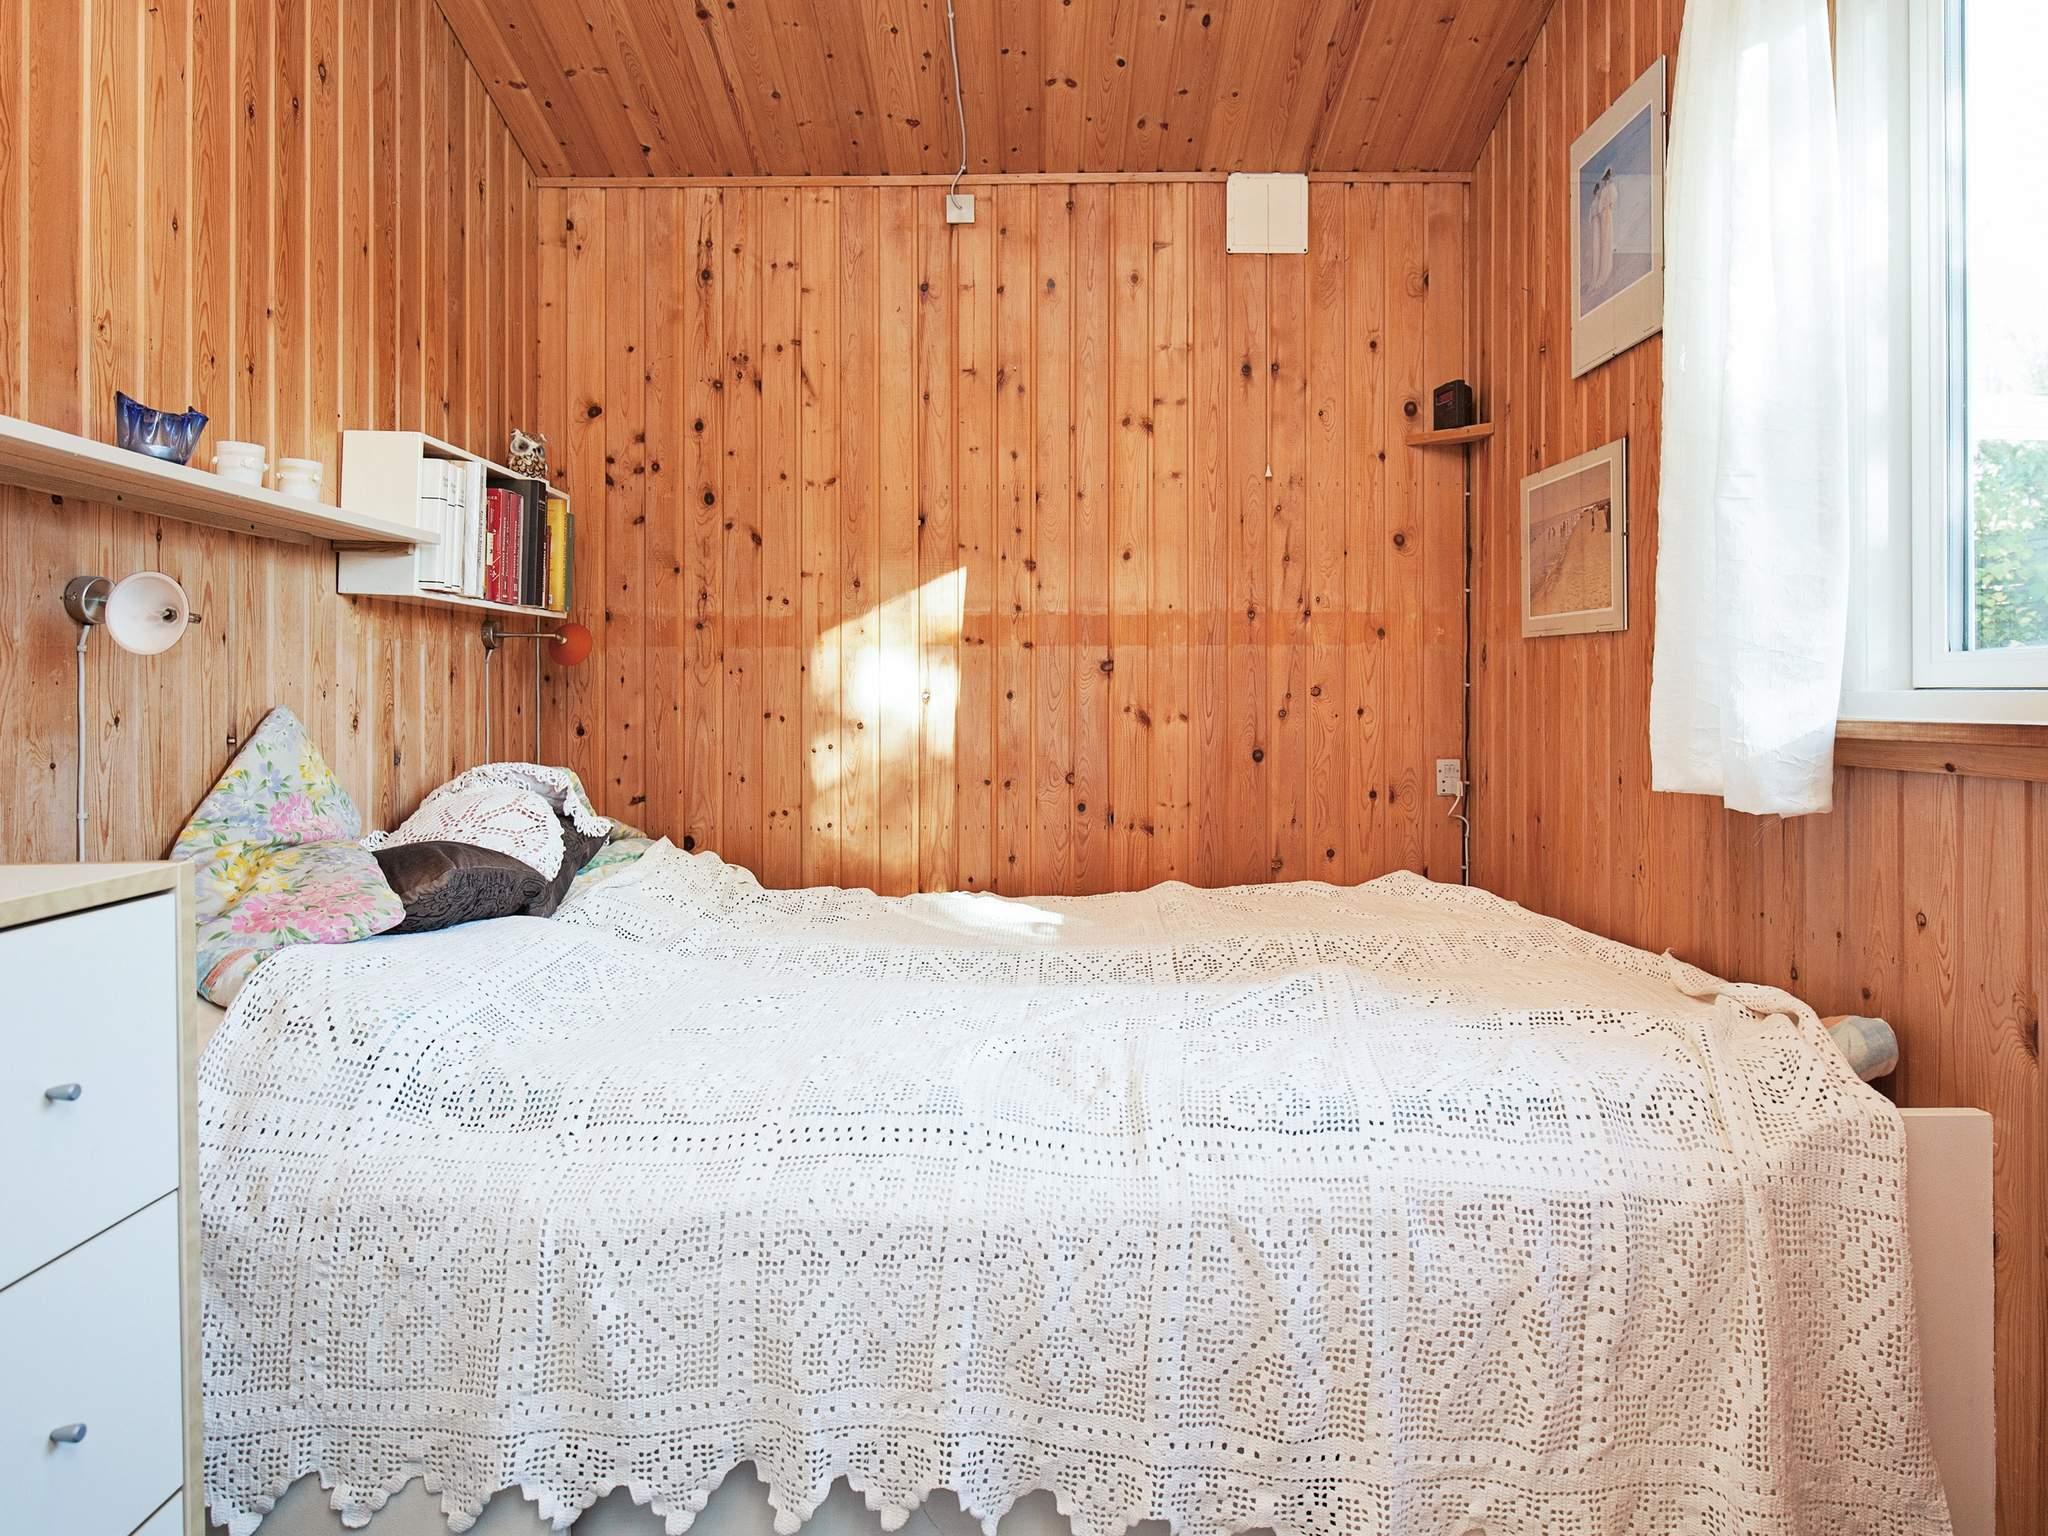 Ferienhaus Udsholt Strand (2355111), Udsholt, , Nordseeland, Dänemark, Bild 7